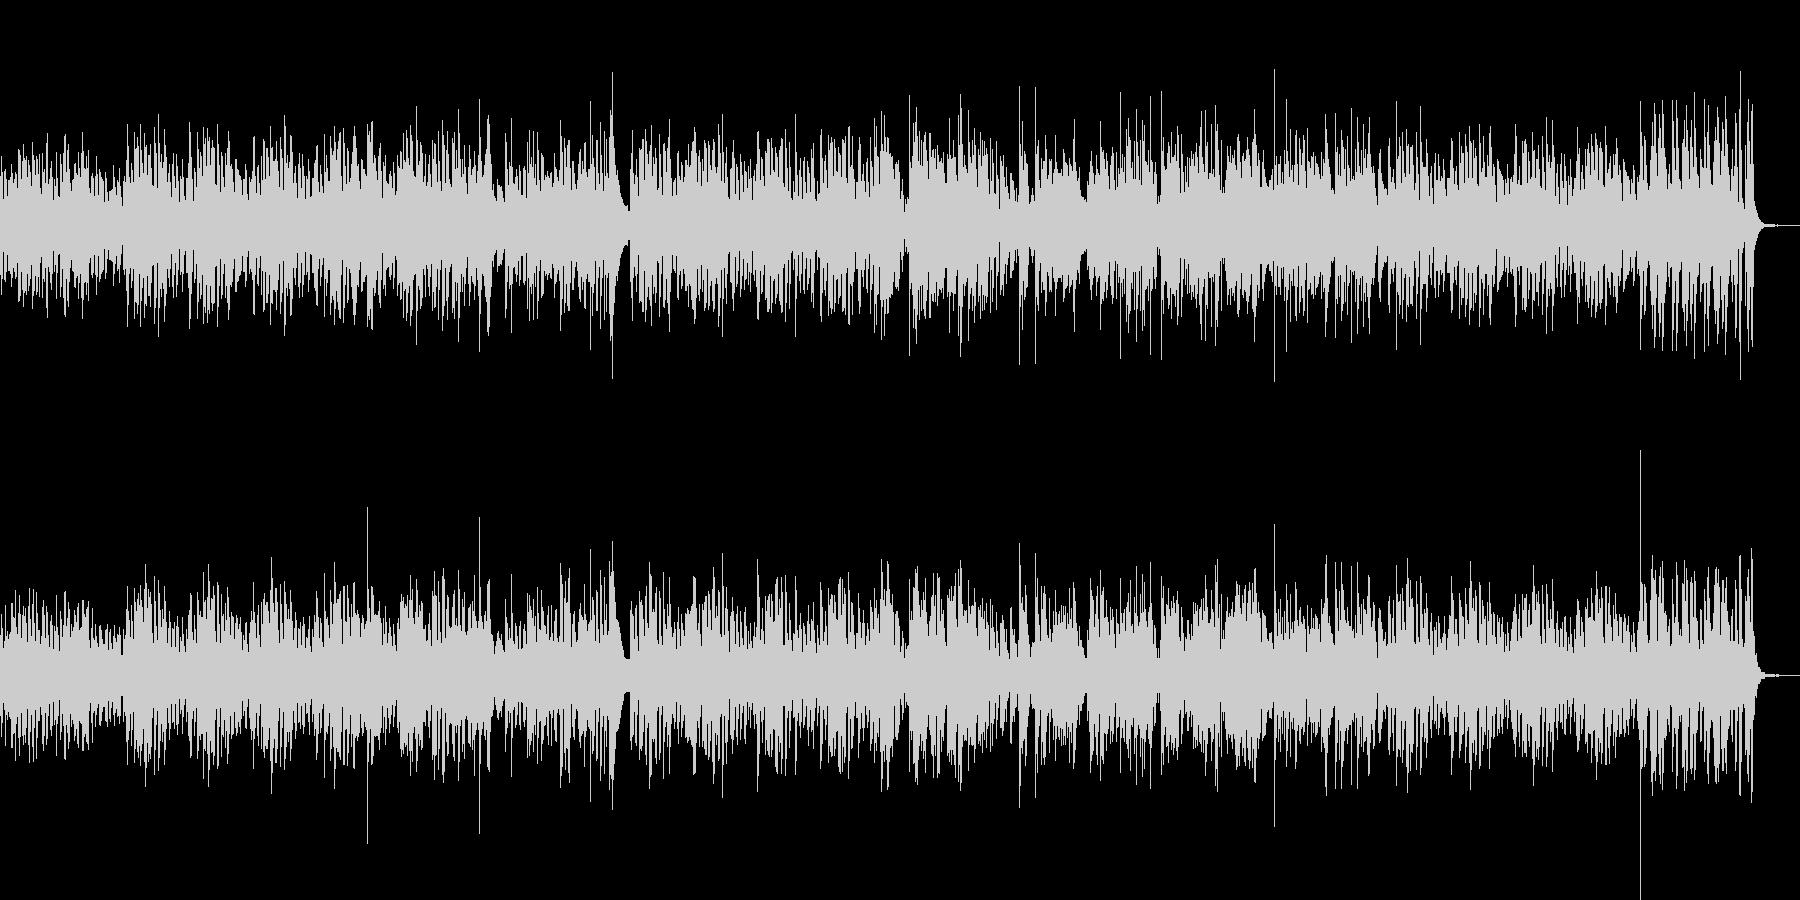 ヴィブラフォンとピアノのボサノバの未再生の波形